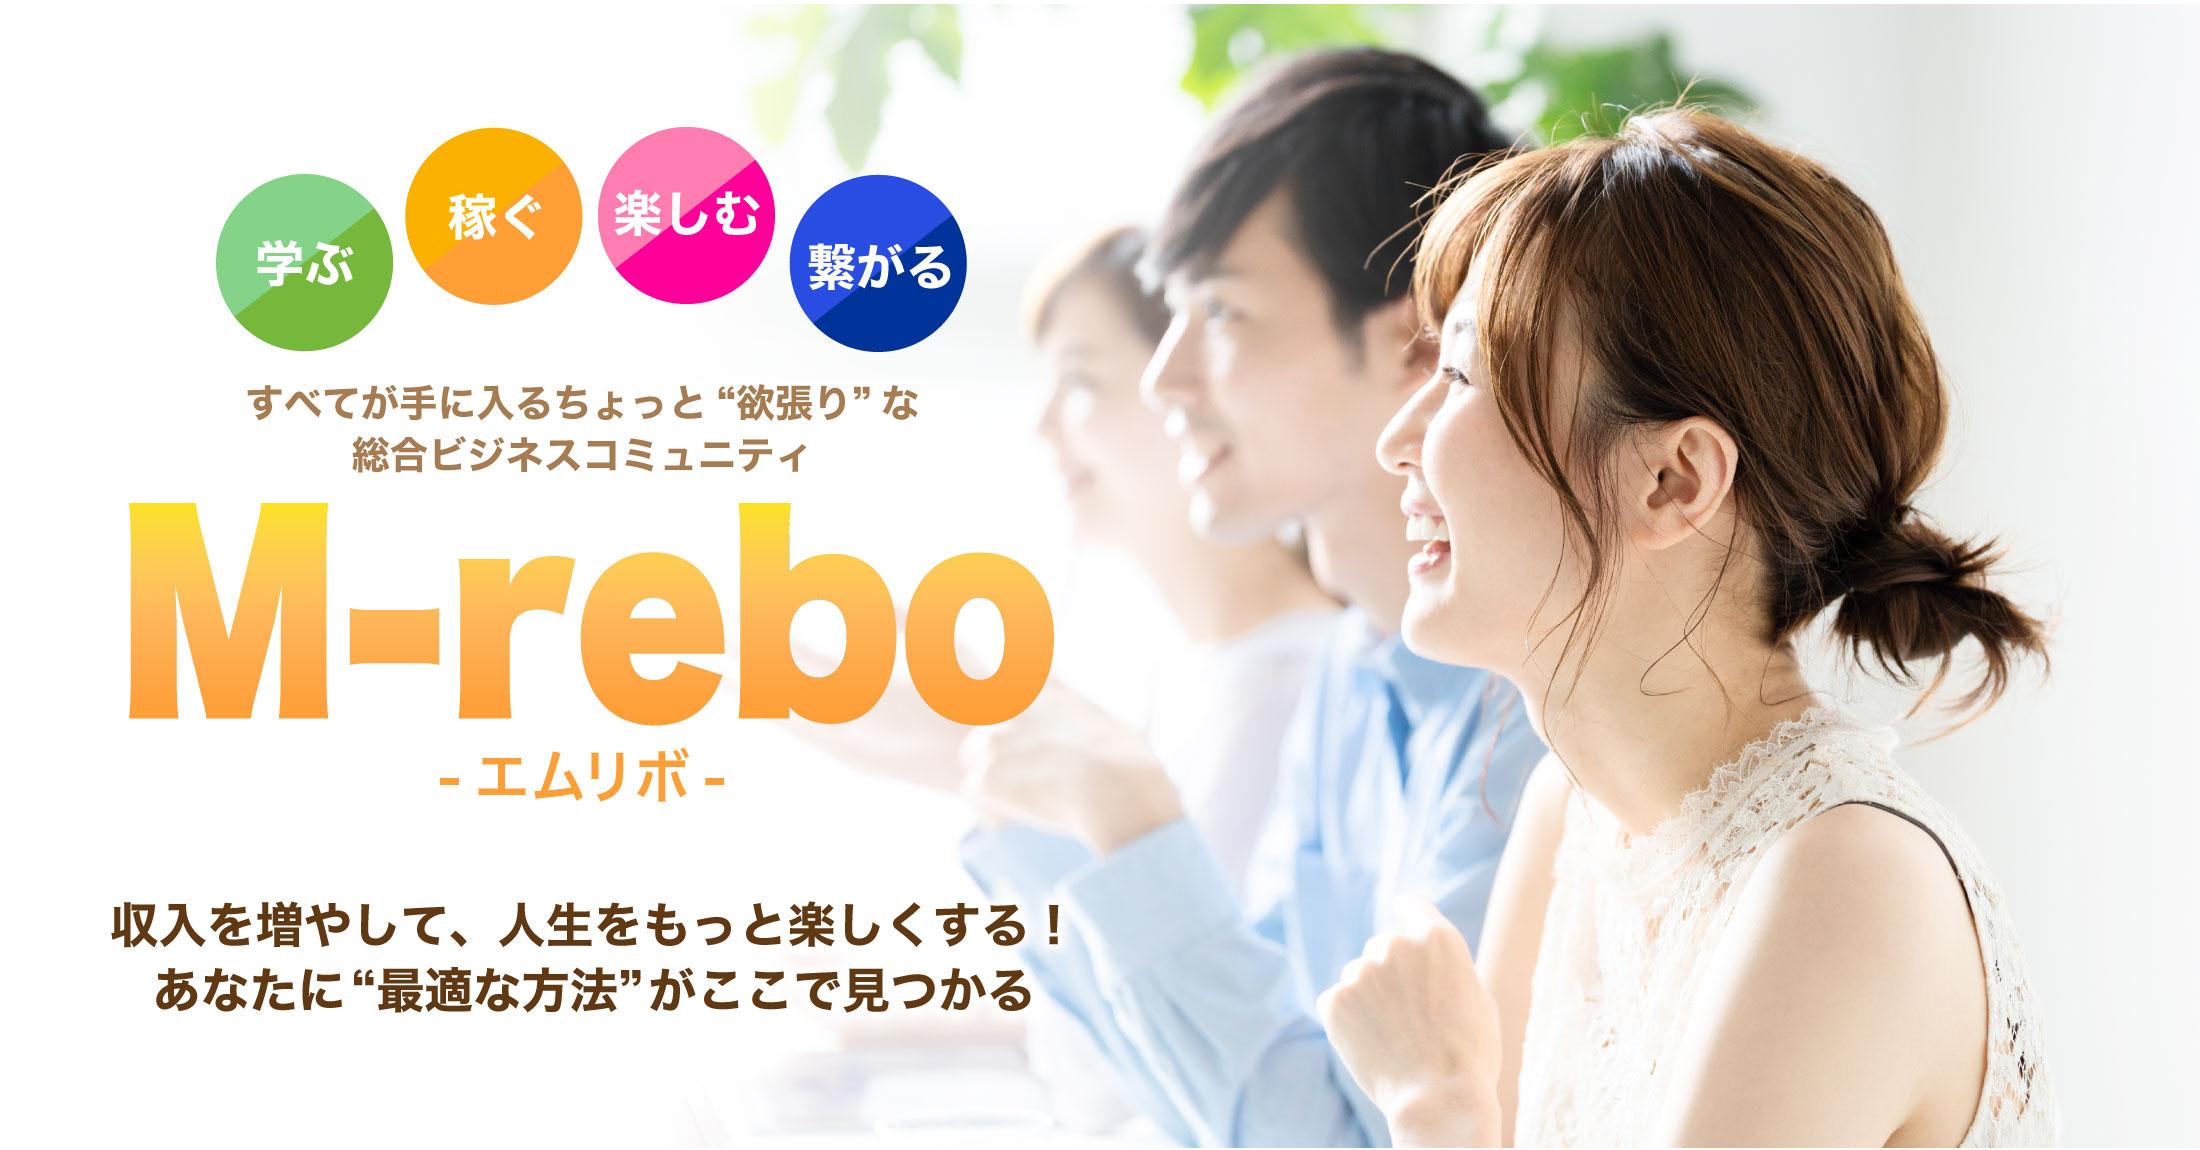 「学ぶ・稼ぐ・楽しむ・繋がる」すべてが手に入る総合ビジネスコミュニティ『M-rebo(エムリボ)』